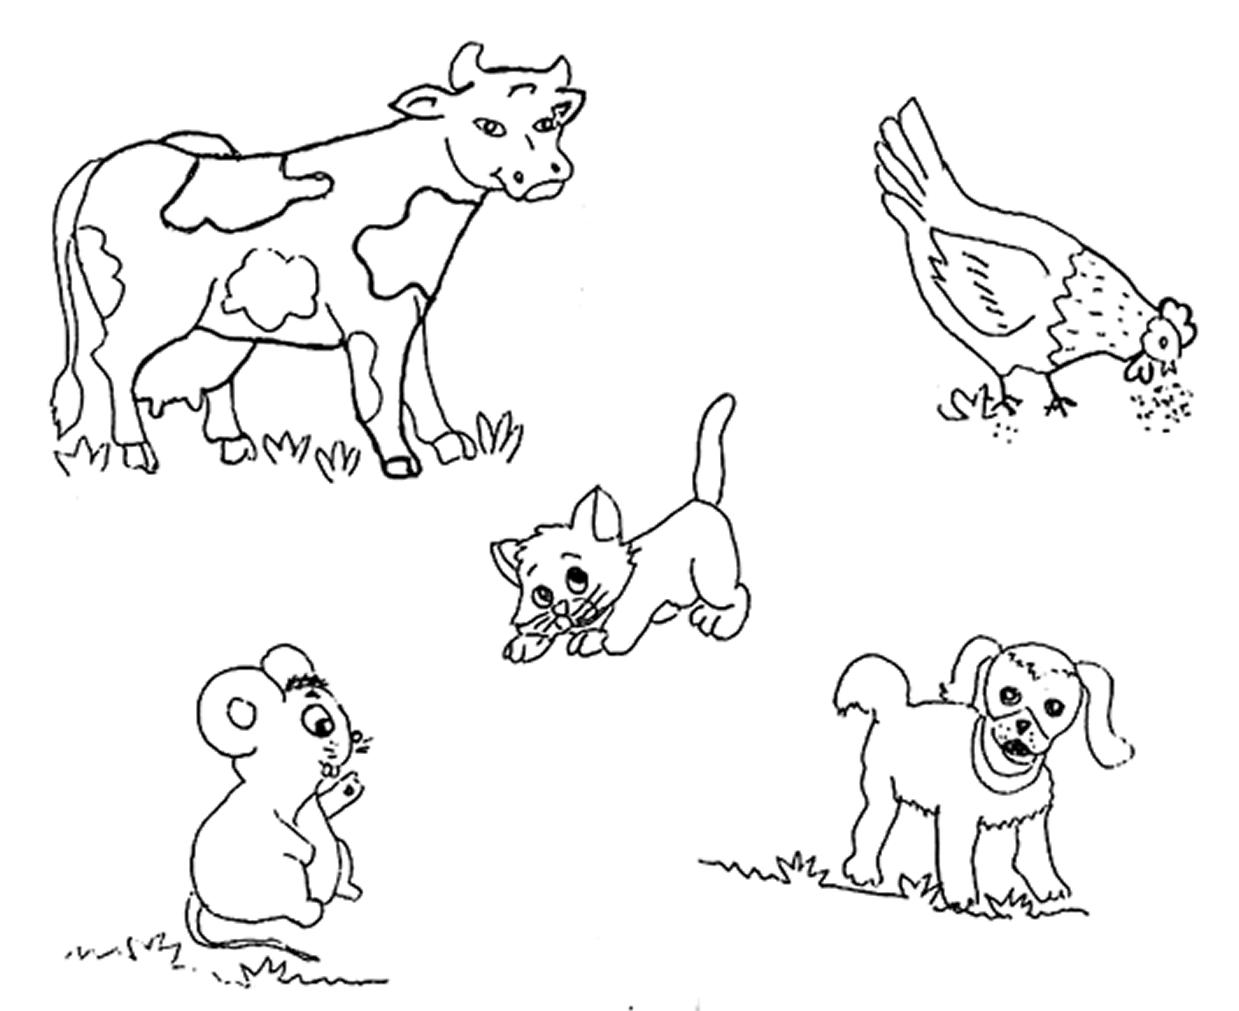 Dibujos Para Colorear De Animales Invertebrados Y Vertebrados: Animales Invertebrados Para Colorear